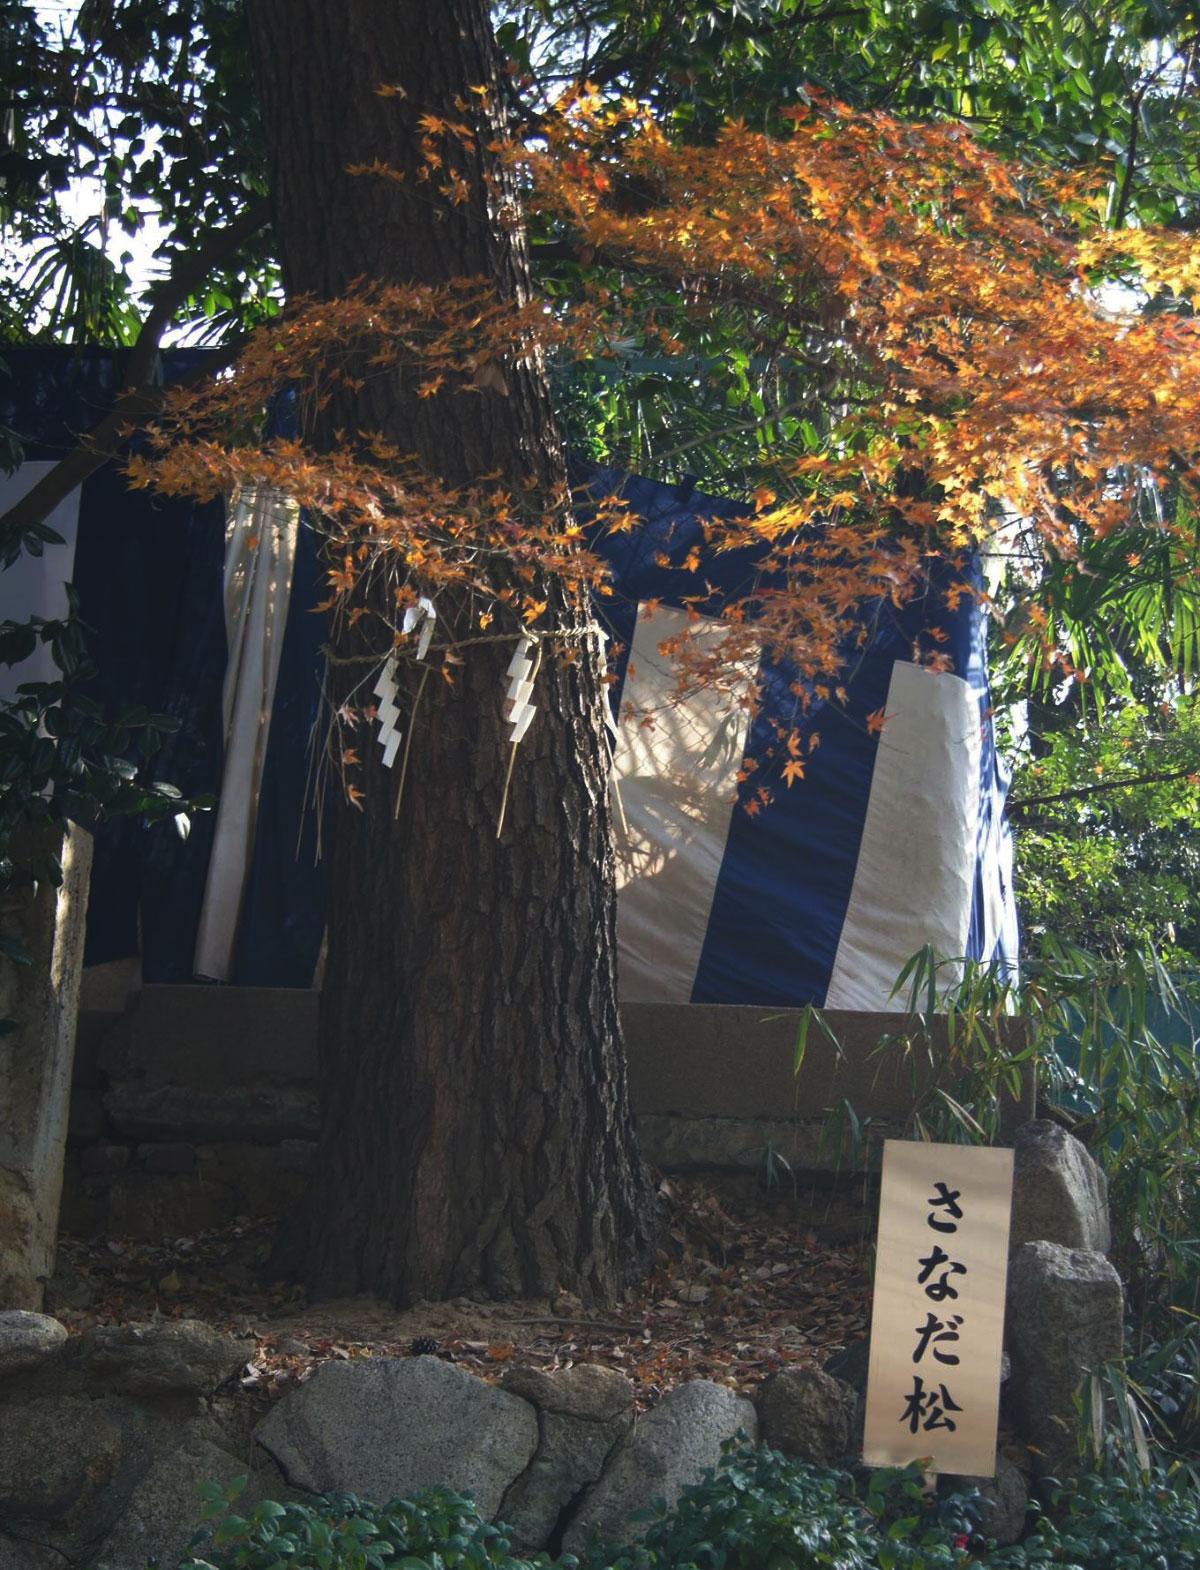 安居神社の2代目さなだ松。幸村公の戦死した場所